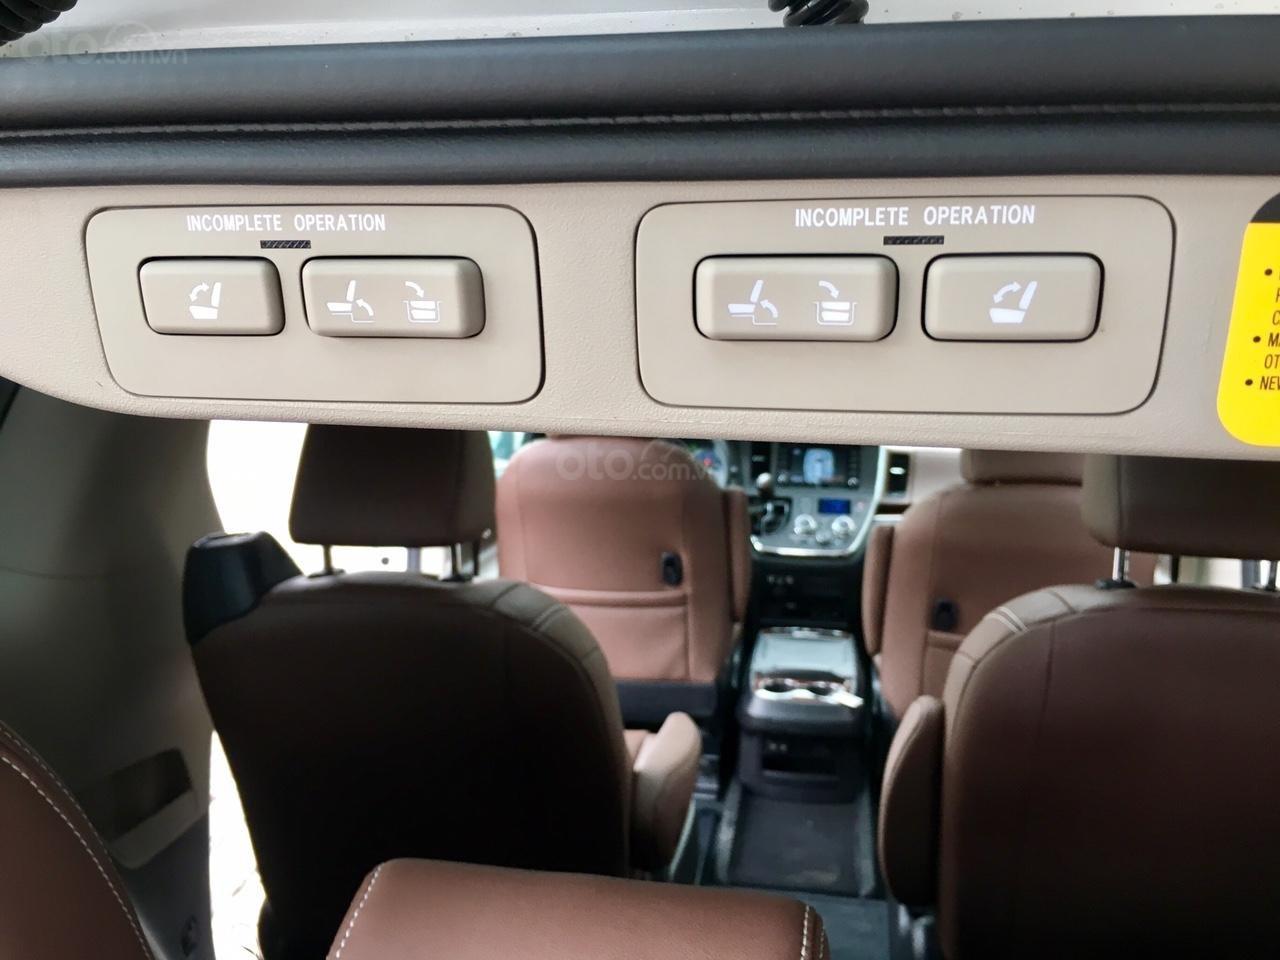 Bán Toyota Sienna Limited 1 cầu model 2020 giao ngay toàn quốc, giá tốt - LH 093.996.2368 Ms Ngọc Vy (23)